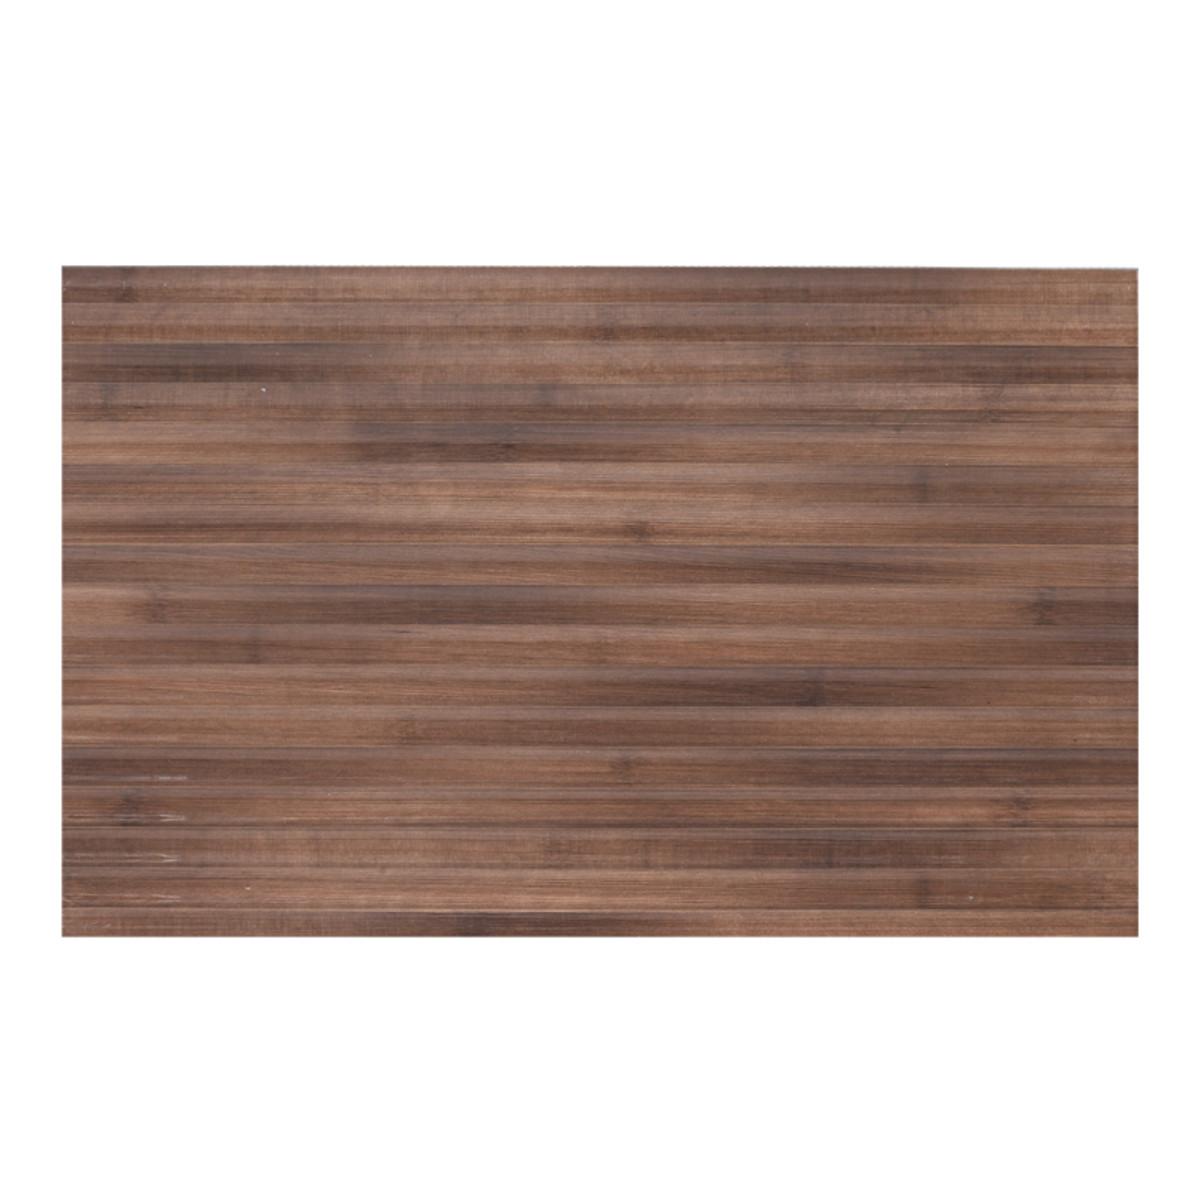 Плитка настенная Bamboo цвет коричневый 25х40 см 15 м2